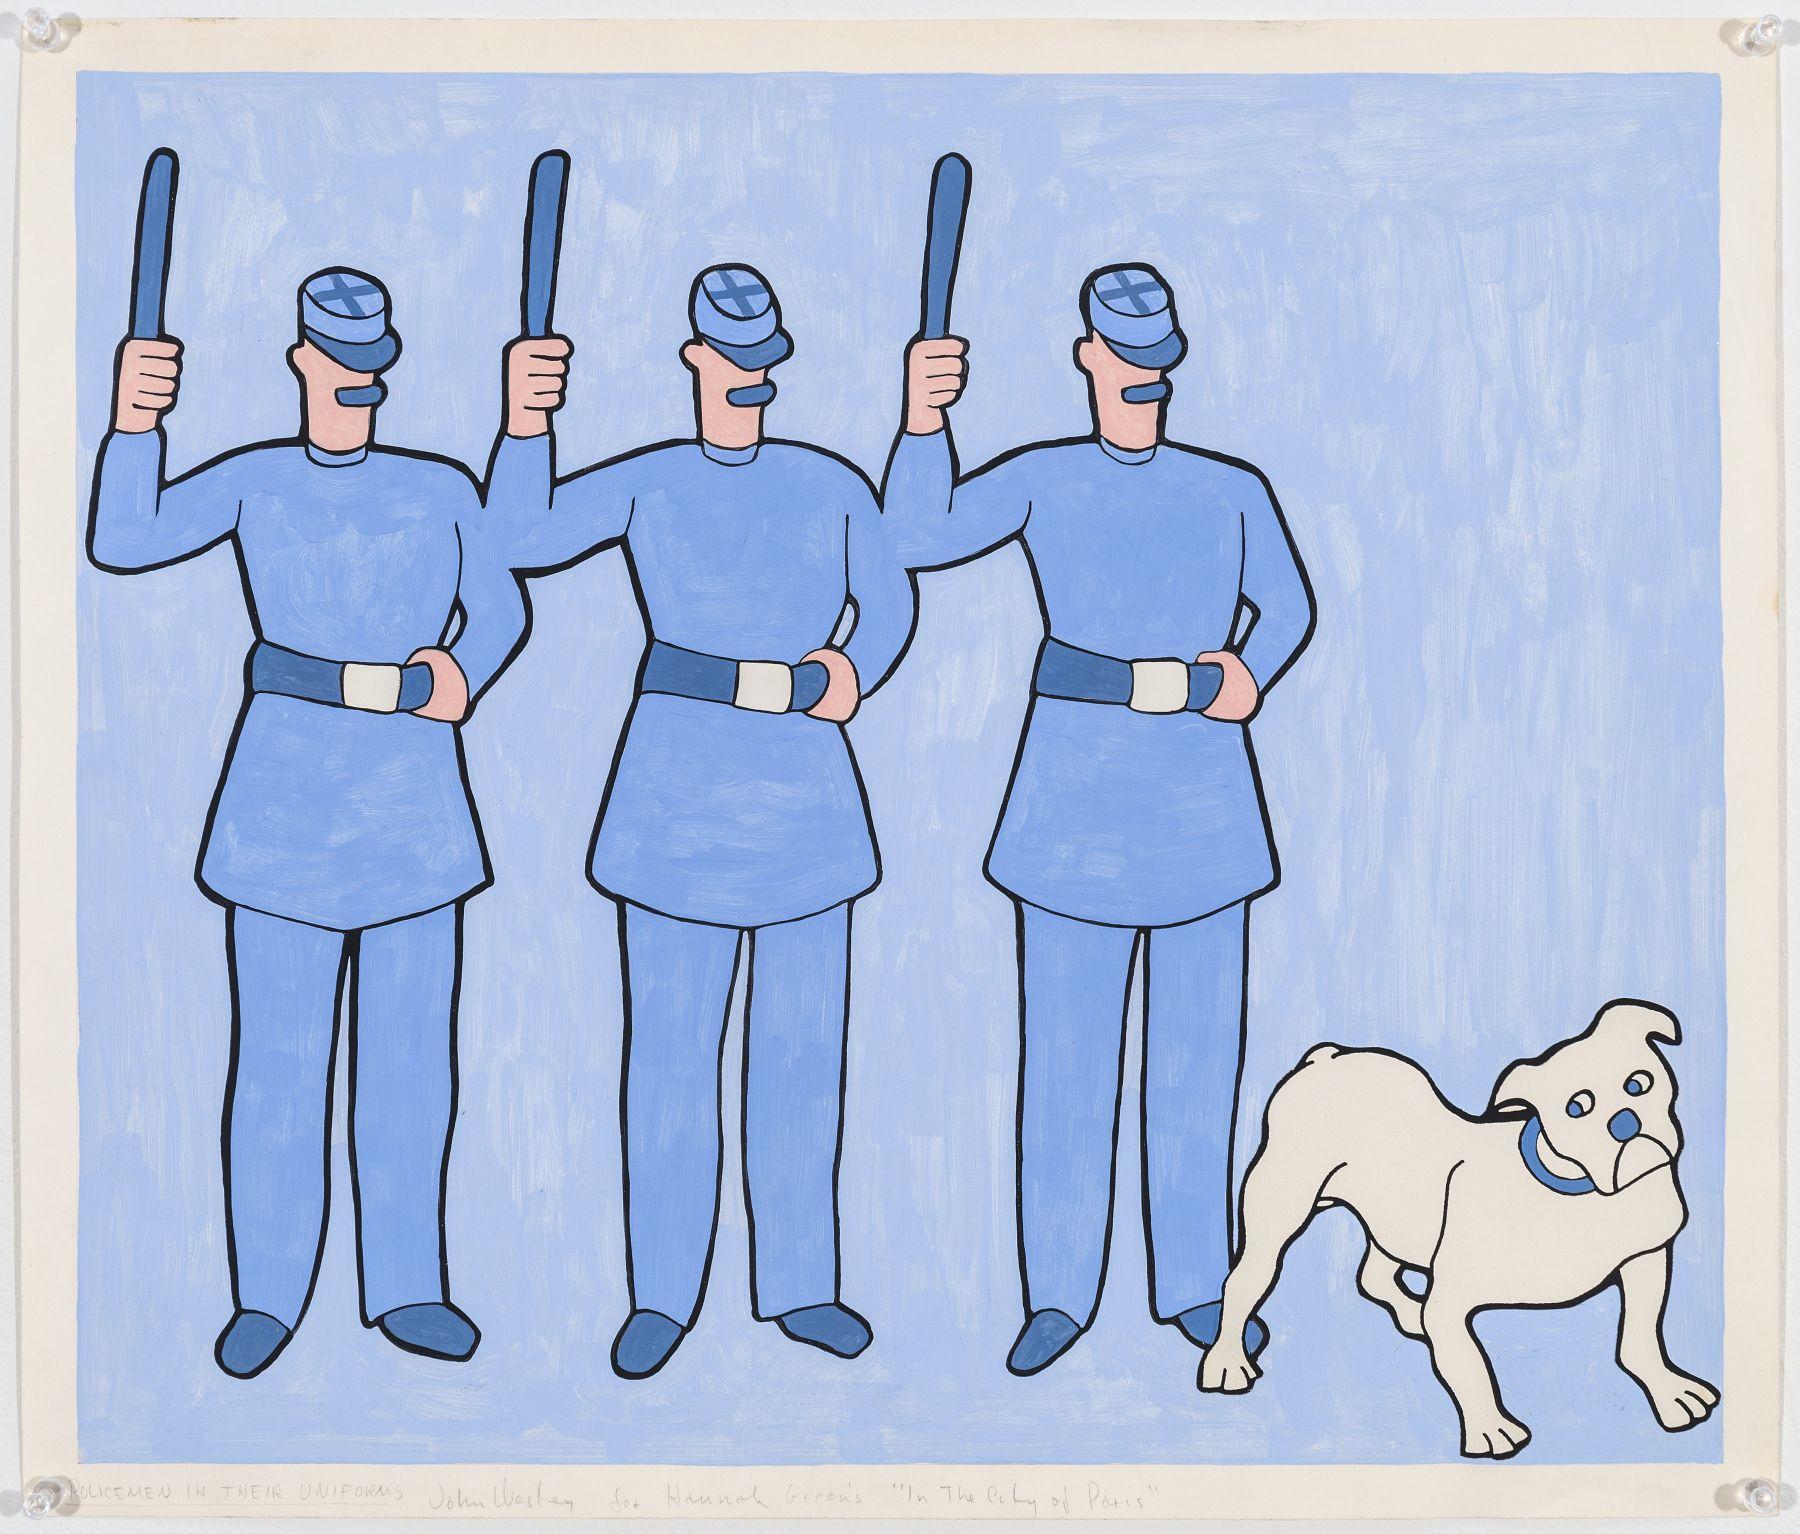 John Wesley, Policemen in their Uniforms, c. 1979